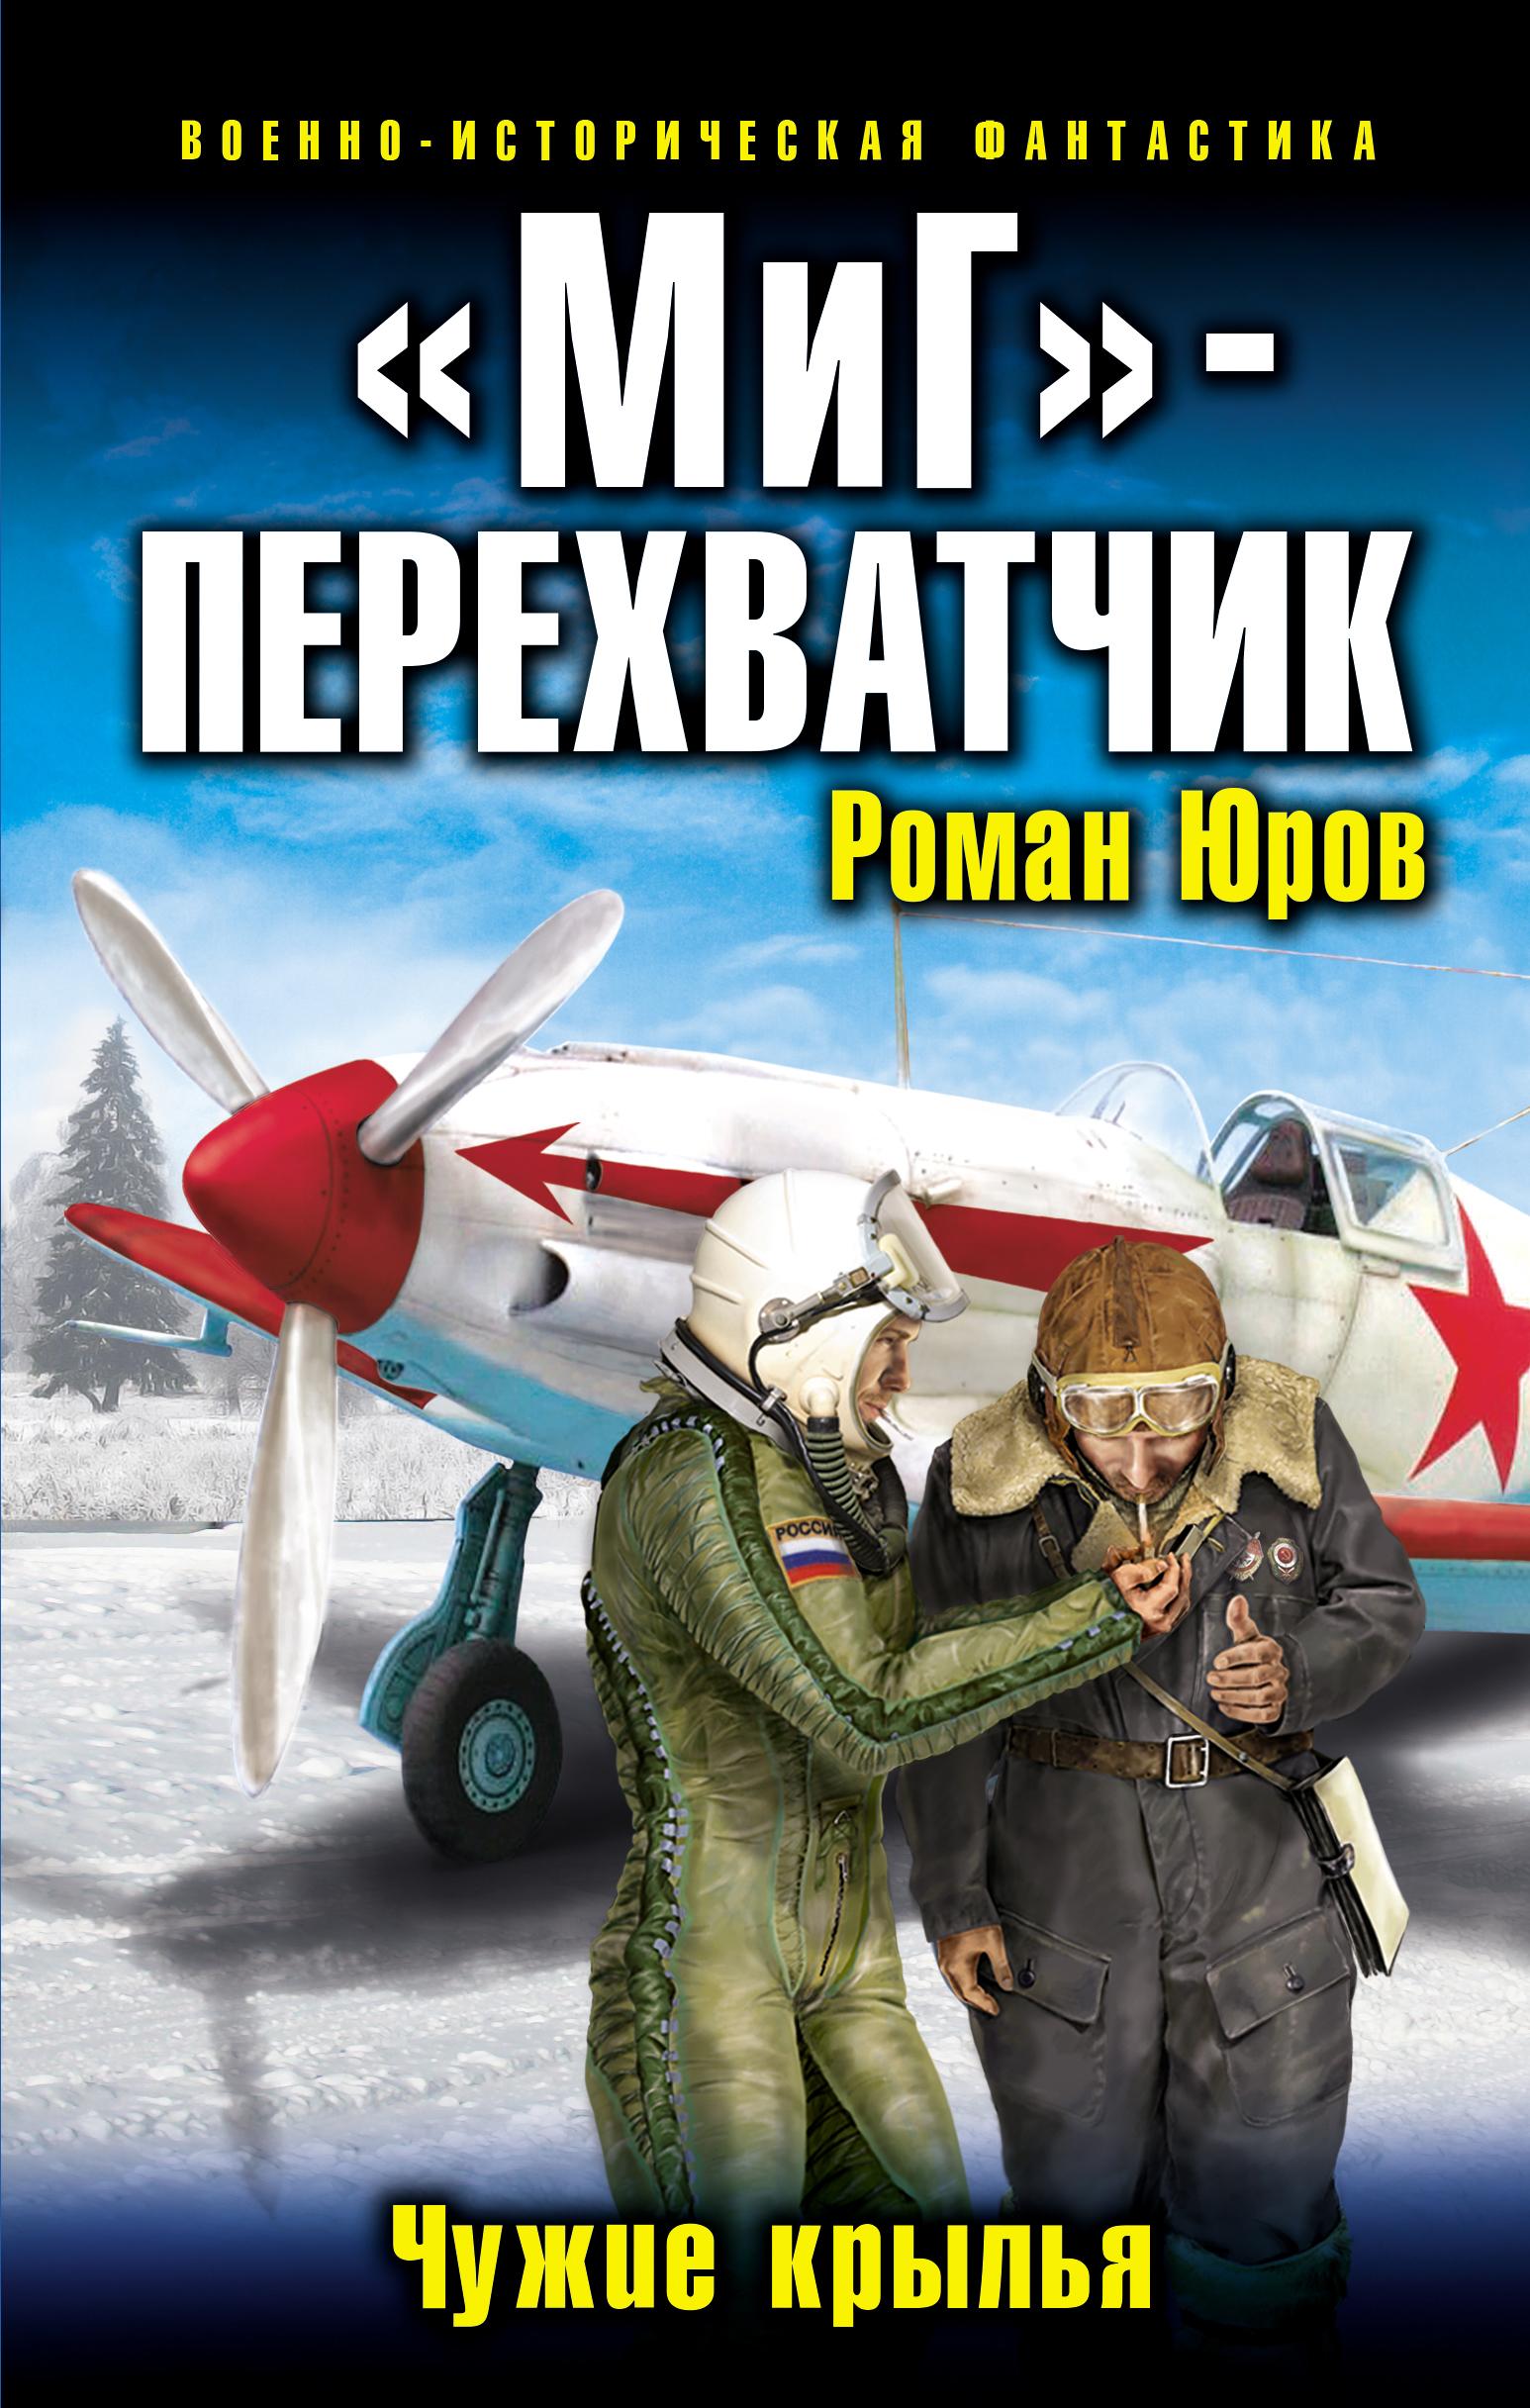 РОМАН ЮРОВ КНИГИ СКАЧАТЬ БЕСПЛАТНО